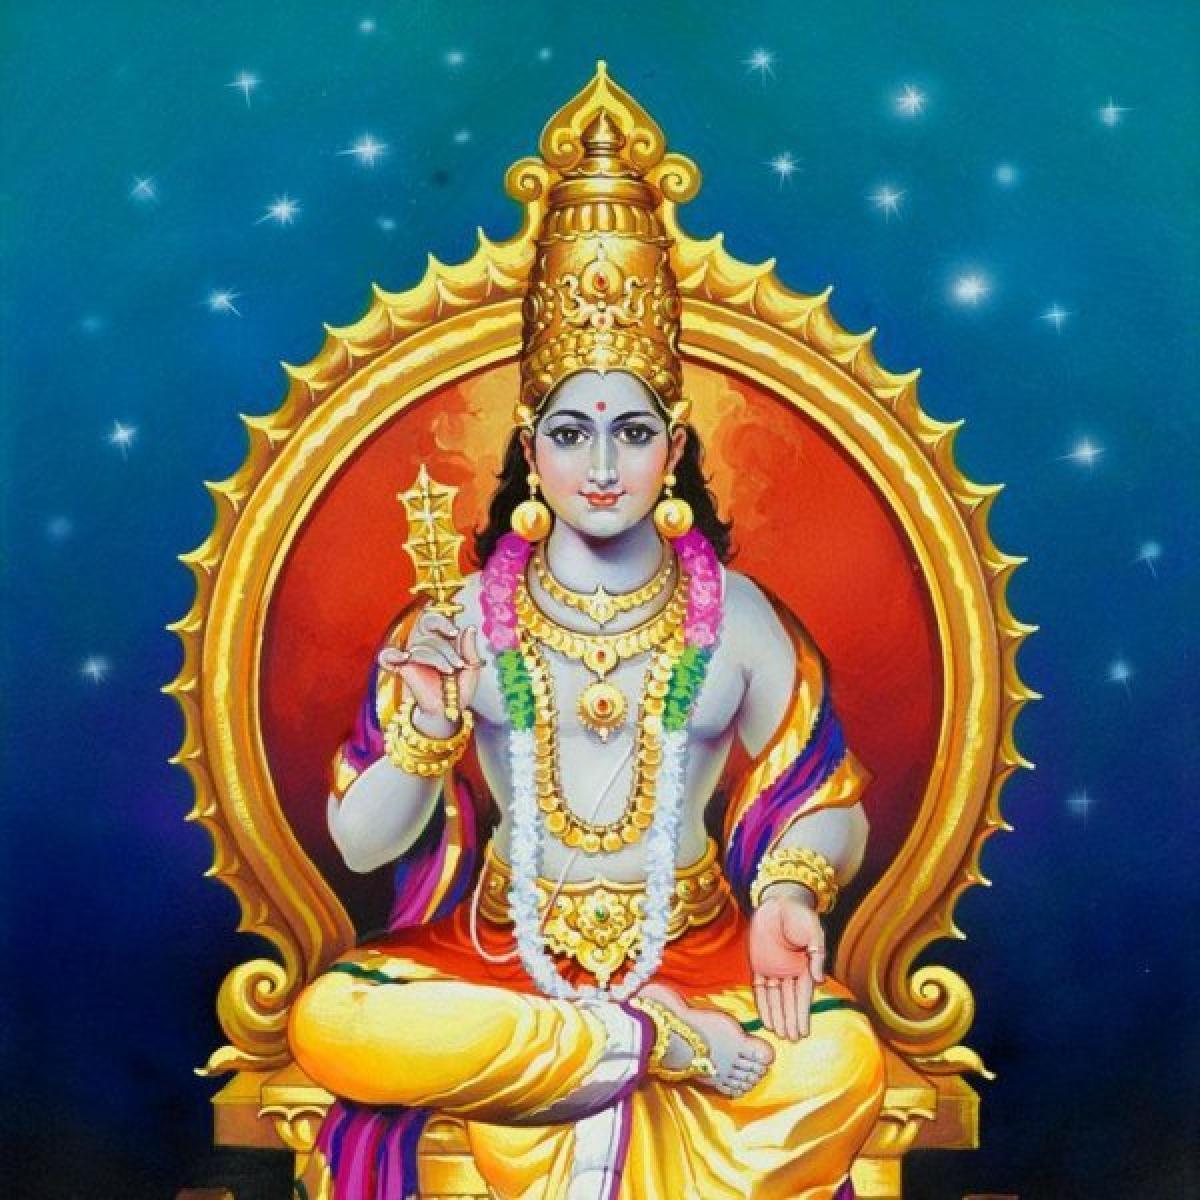 உத்திரம் நட்சத்திரத்தில் பிறந்தவர்களின் குணநலன்கள், ஜோதிடப் பலன்கள்! #Astrology